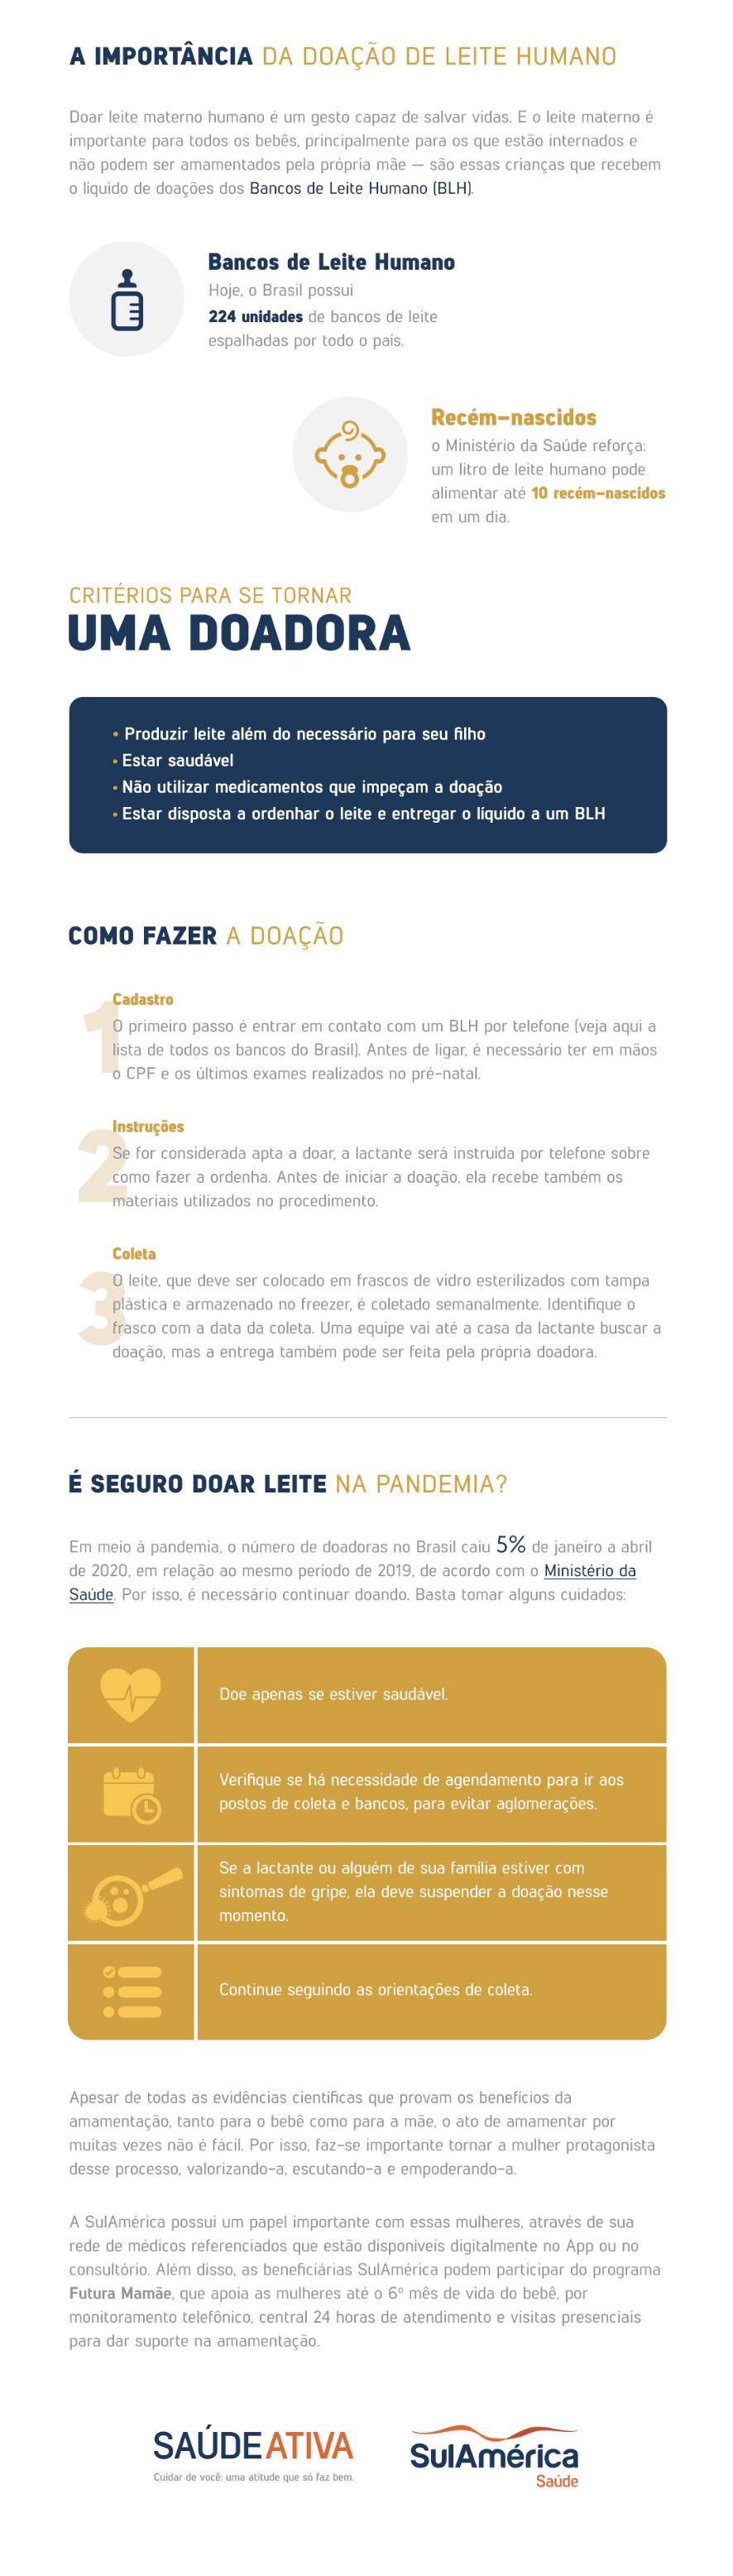 FORMATO: INFOGRÁFICO Agosto dourado: dicas e benefícios do aleitamento materno Data instituída pela Organização Mundial da Saúde (OMS) junto ao Fundo das Nações Unidas para a Infância (Unicef), a Semana Mundial da Amamentação, celebrada de 1 a 7 de agosto, surgiu em 1992 para incentivar o aleitamento materno exclusivo até os 6 meses de idade do bebê. No Brasil, a iniciativa se desdobra ao longo de um mês inteiro na campanha Agosto Dourado, reforçando a importância do leite materno para a saúde e o desenvolvimento das crianças, especialmente nos primeiros meses de vida. E vale lembrar que, além de fazer bem para os pequenos, as mães também são beneficiadas pela prática. BENEFÍCIOS DO ALEITAMENTO MATERNO EXCLUSIVO -Fonte de anticorpos O leite materno é responsável por transferir os anticorpos da mãe para o bebê, ajudando-o a enfrentar possíveis infecções enquanto seu sistema imunológico ainda não está totalmente desenvolvido. -Alimentação completa A composição do leite materno contempla todos os nutrientes necessários para o desenvolvimento do bebê. Oferecido de maneira exclusiva, dispensa até mesmo o consumo de água, já que mantém a criança alimentada e hidratada. Além disso, um estudo publicado no periódico científico BMC Public Health indica que o leite materno tem efeito protetor contra a obesidade em crianças. -Diminui a chance de leucemia infantil Amamentar o bebê com leite materno pelo menos durante os seis primeiros meses pode reduzir o risco de leucemia infantil. Dados de uma pesquisa publicada na revista médica JAMA Network comprovam que o aleitamento materno pode diminuir em até 19% a probabilidade do surgimento da leucemia. -Menor risco de diabetes tipo 2 Uma revisão de estudos, realizada pela Universidade Federal de Pelotas, revela que crianças com acesso ao aleitamento exclusivo têm uma chance menor de desenvolver diabetes tipo 2, aquela que pode ser ocasionada por diversos fatores fisiológicos e está mais relacionada com os hábitos de vida. Além do bebê